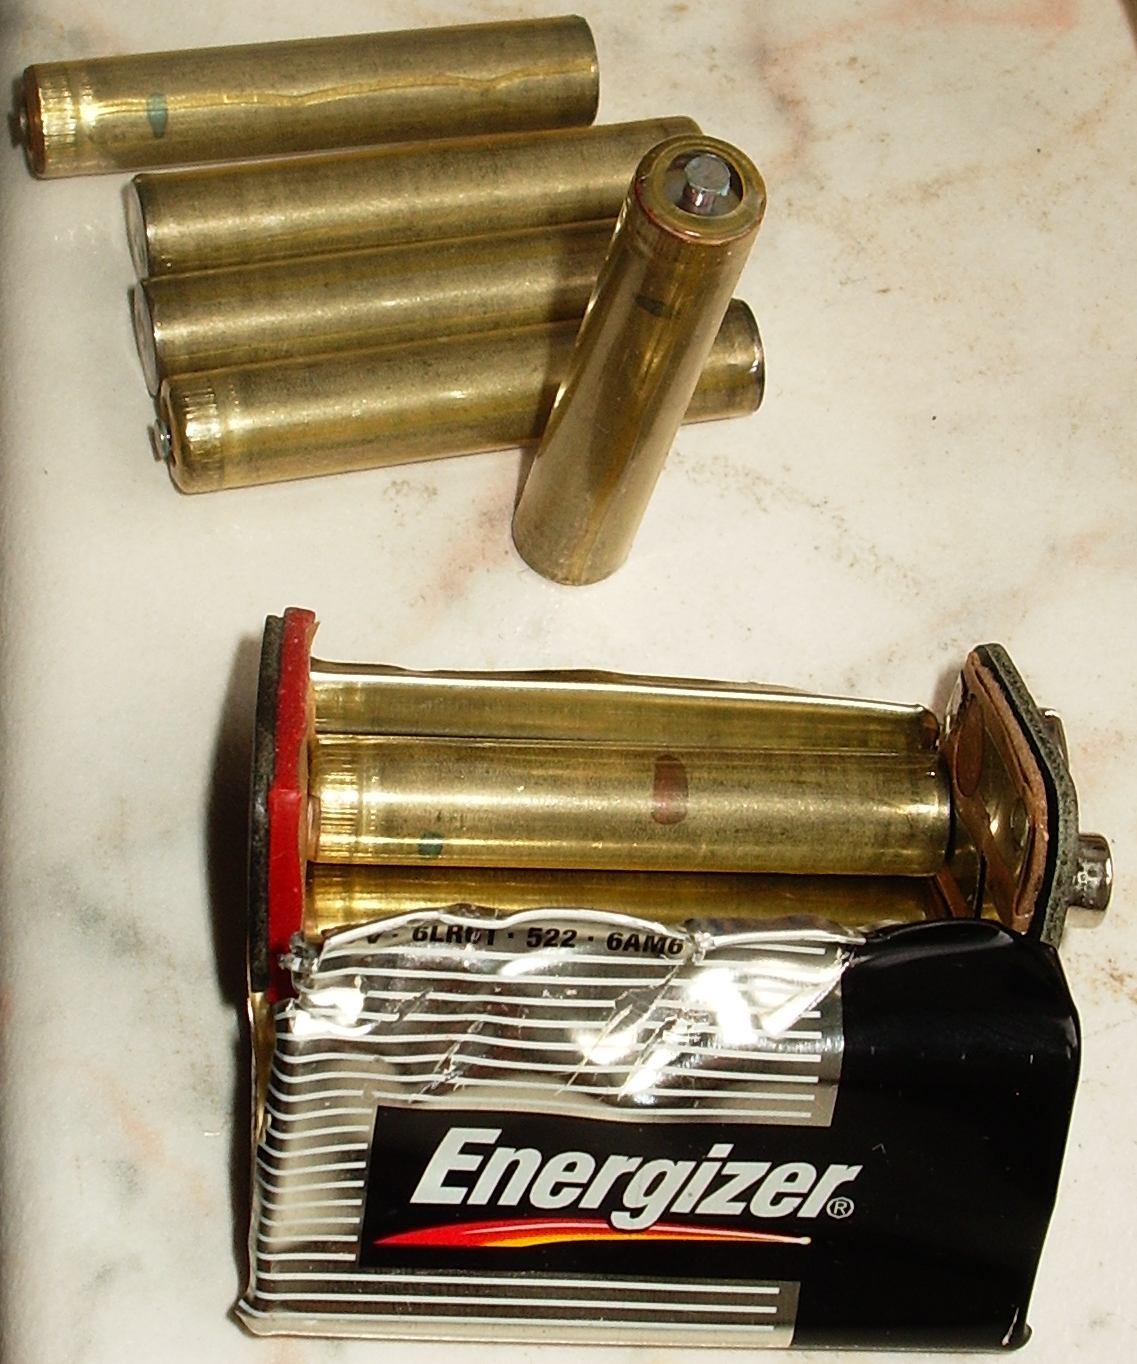 Аккумуляторы Крона 9V  аккумуляторы 9 вольт